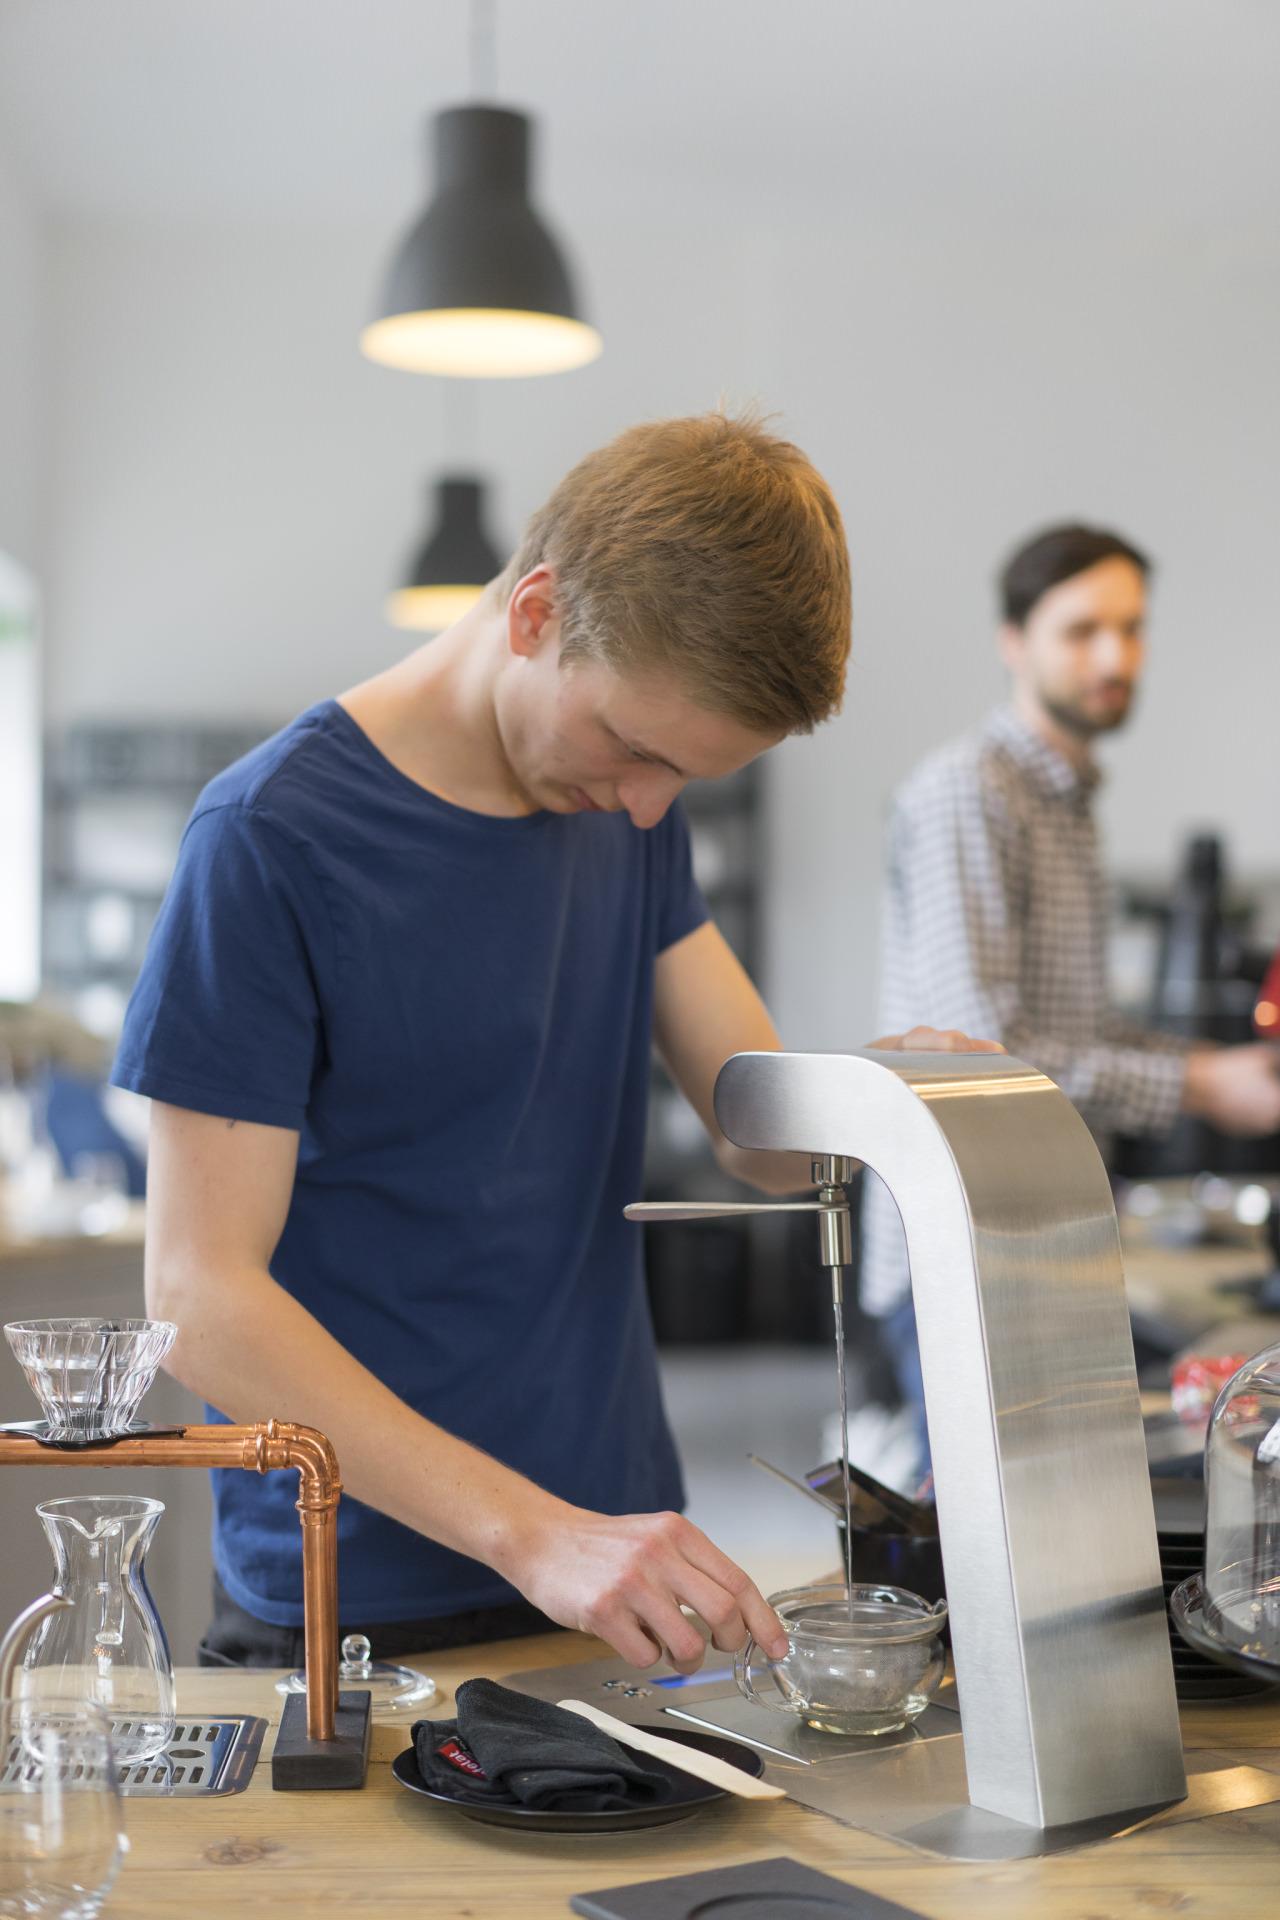 neues-schwarz-kaffee-dortmund-pottspott-09.jpg